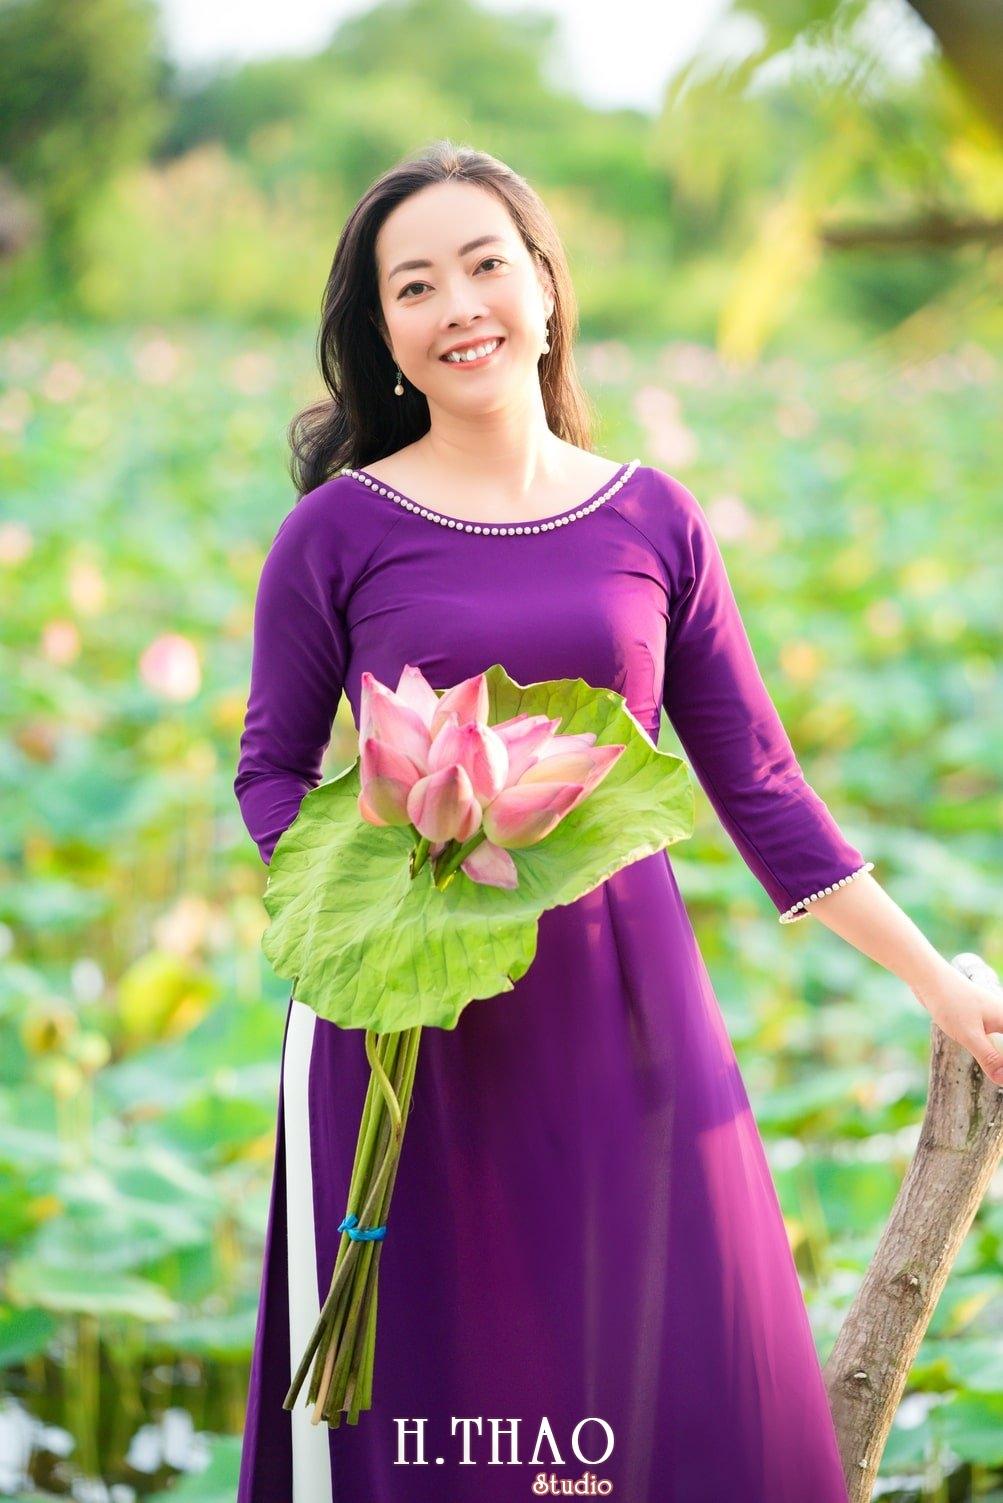 Anh Hoa sen tam da 14 - Bộ ảnh hoa sen với áo dài tím đẹp dễ thương - HThao Studio